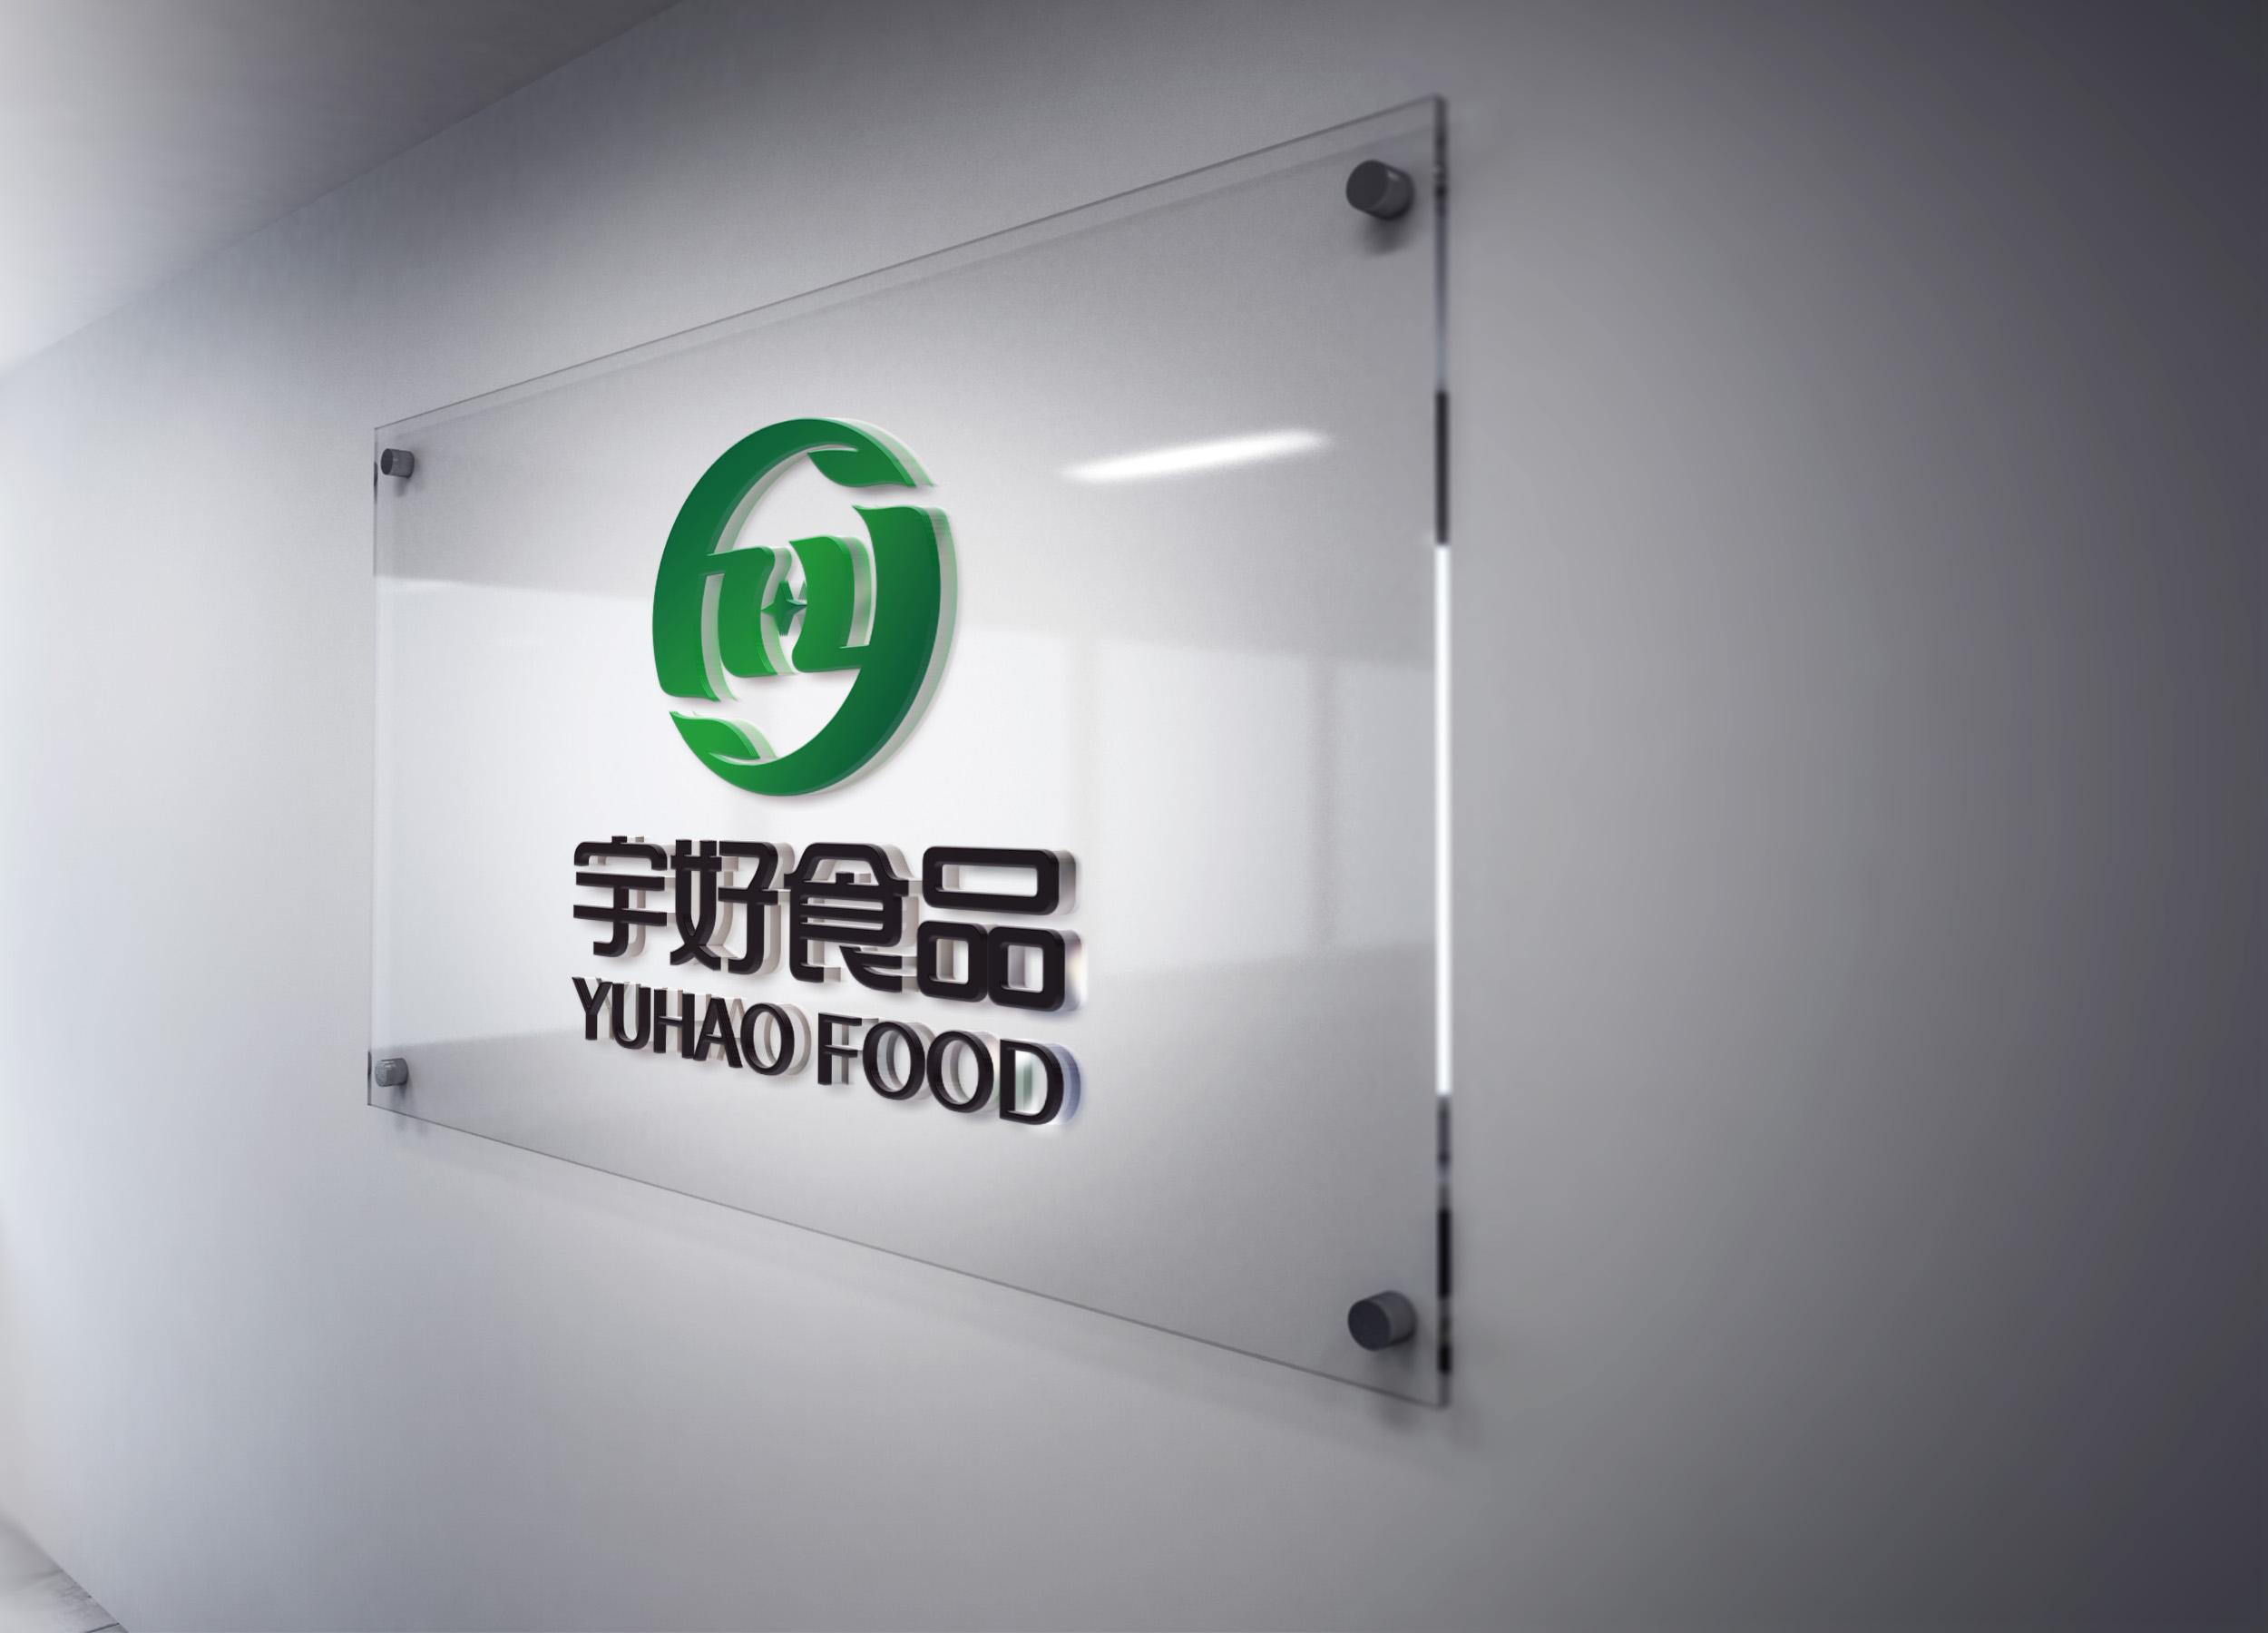 四川宇好食品有限公司LOGO和名片设计_3036224_k68威客网